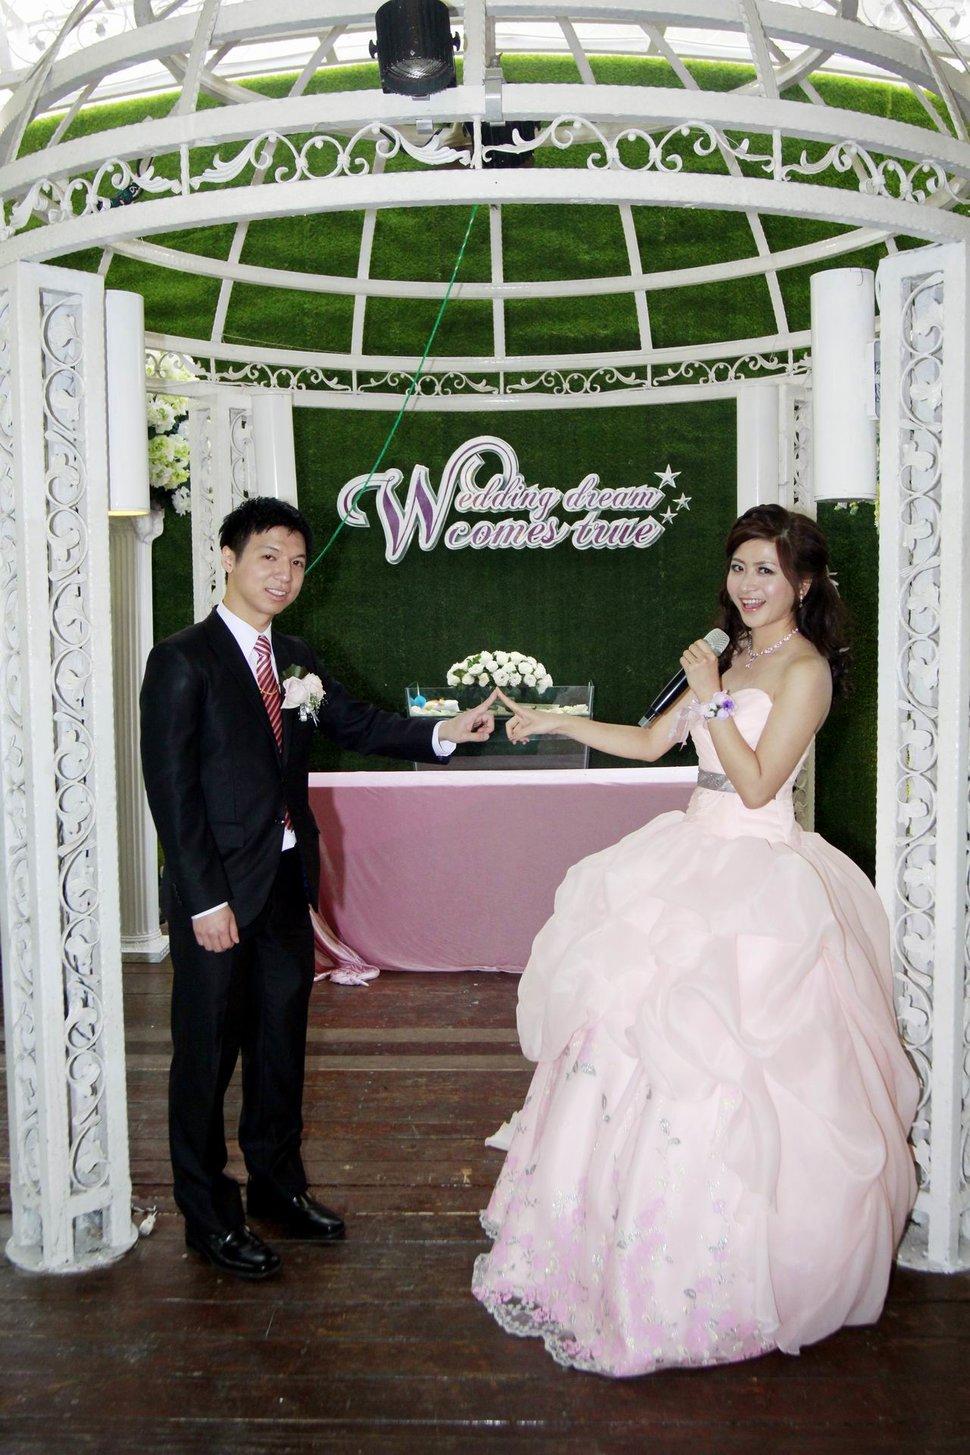 青青食尚花園會館婚禮記錄結婚迎娶婚禮記錄動態微電影錄影專業錄影平面攝影婚紗攝攝影婚禮主持人(編號:196780) - 蜜月拍照10800錄影12800攝影團隊 - 結婚吧